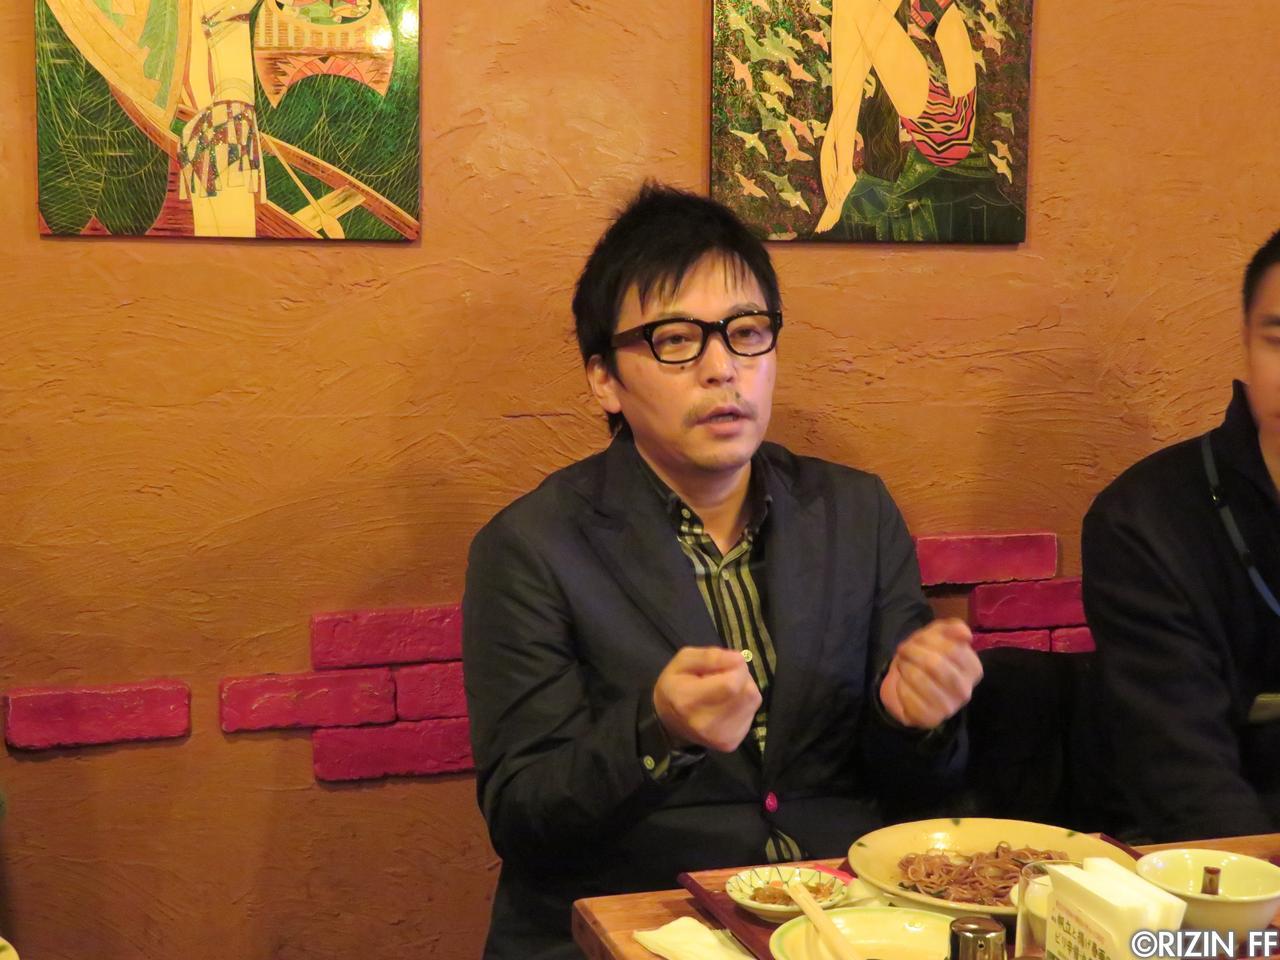 画像3: 第1回 RIZINランチミーティング 榊原信行 VS. 強者ノ巣会員!?